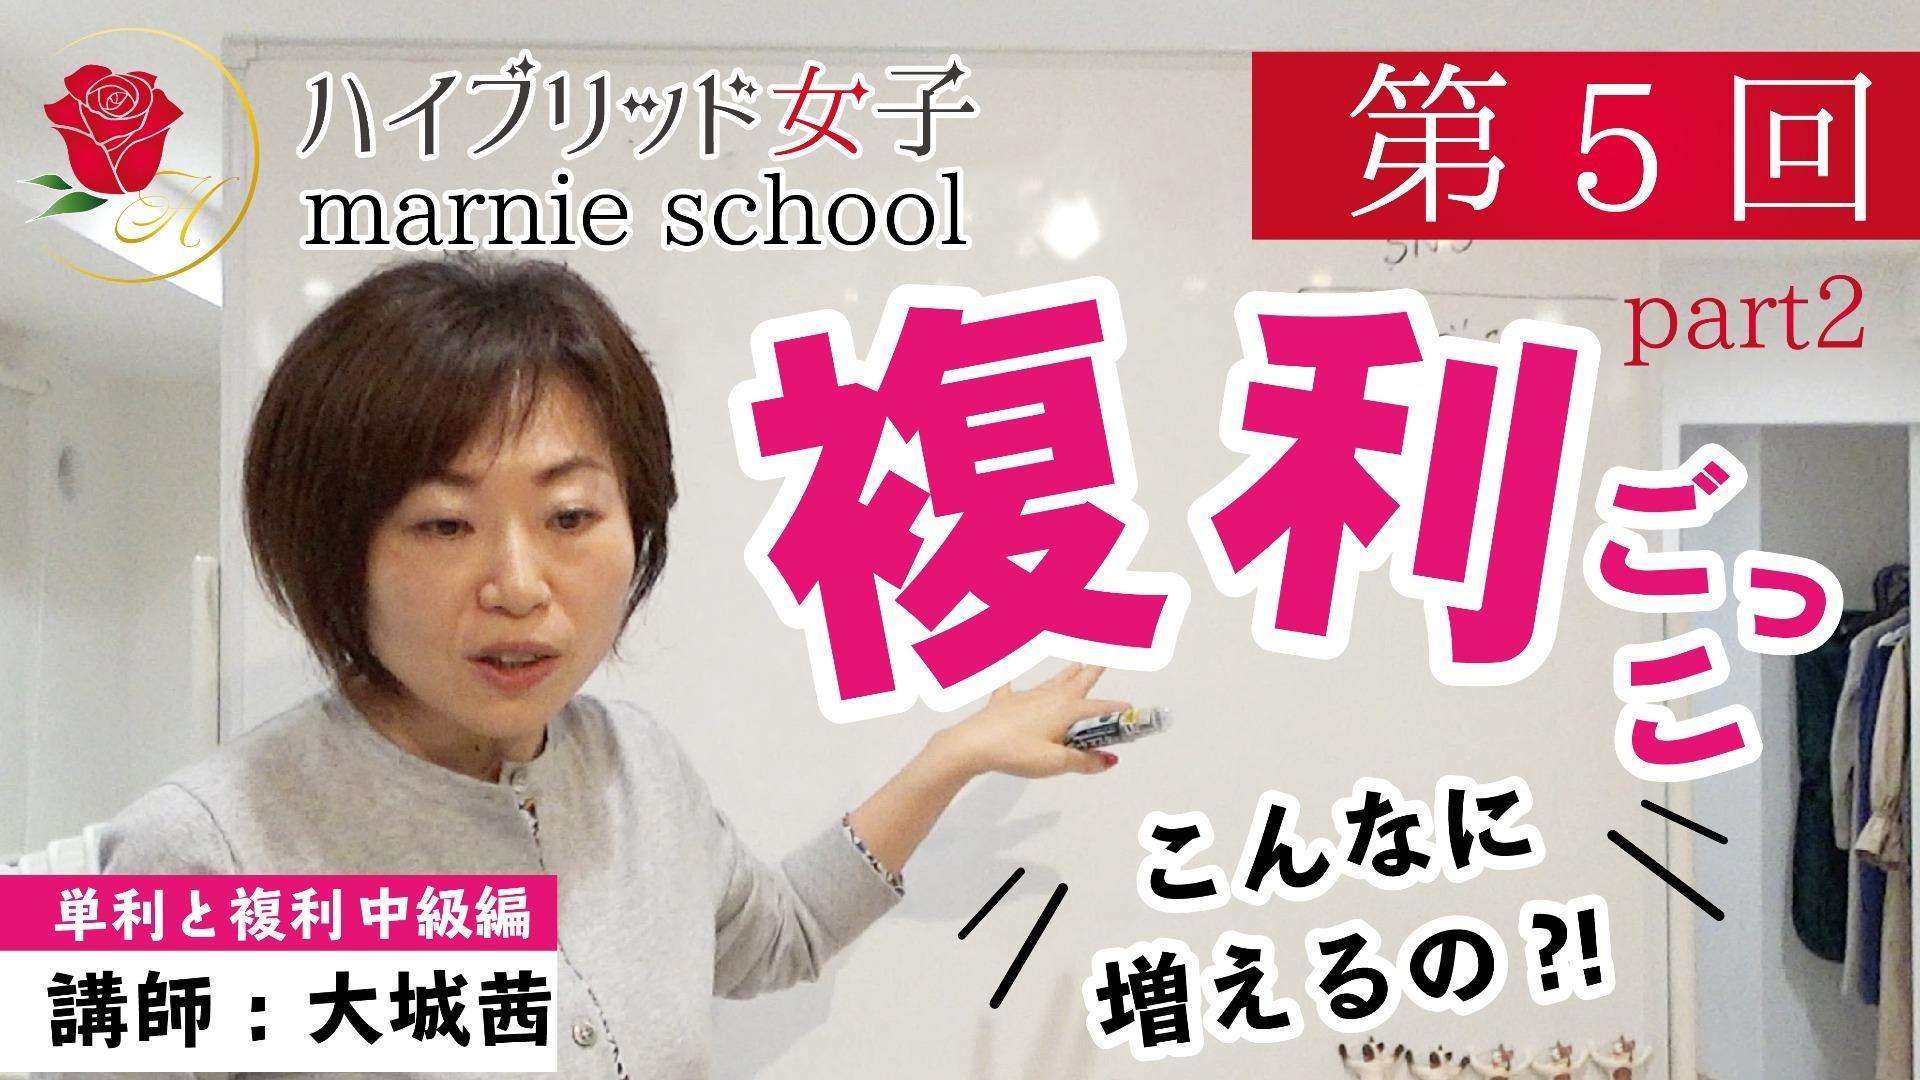 【中級編】Marnie school 第5回part2